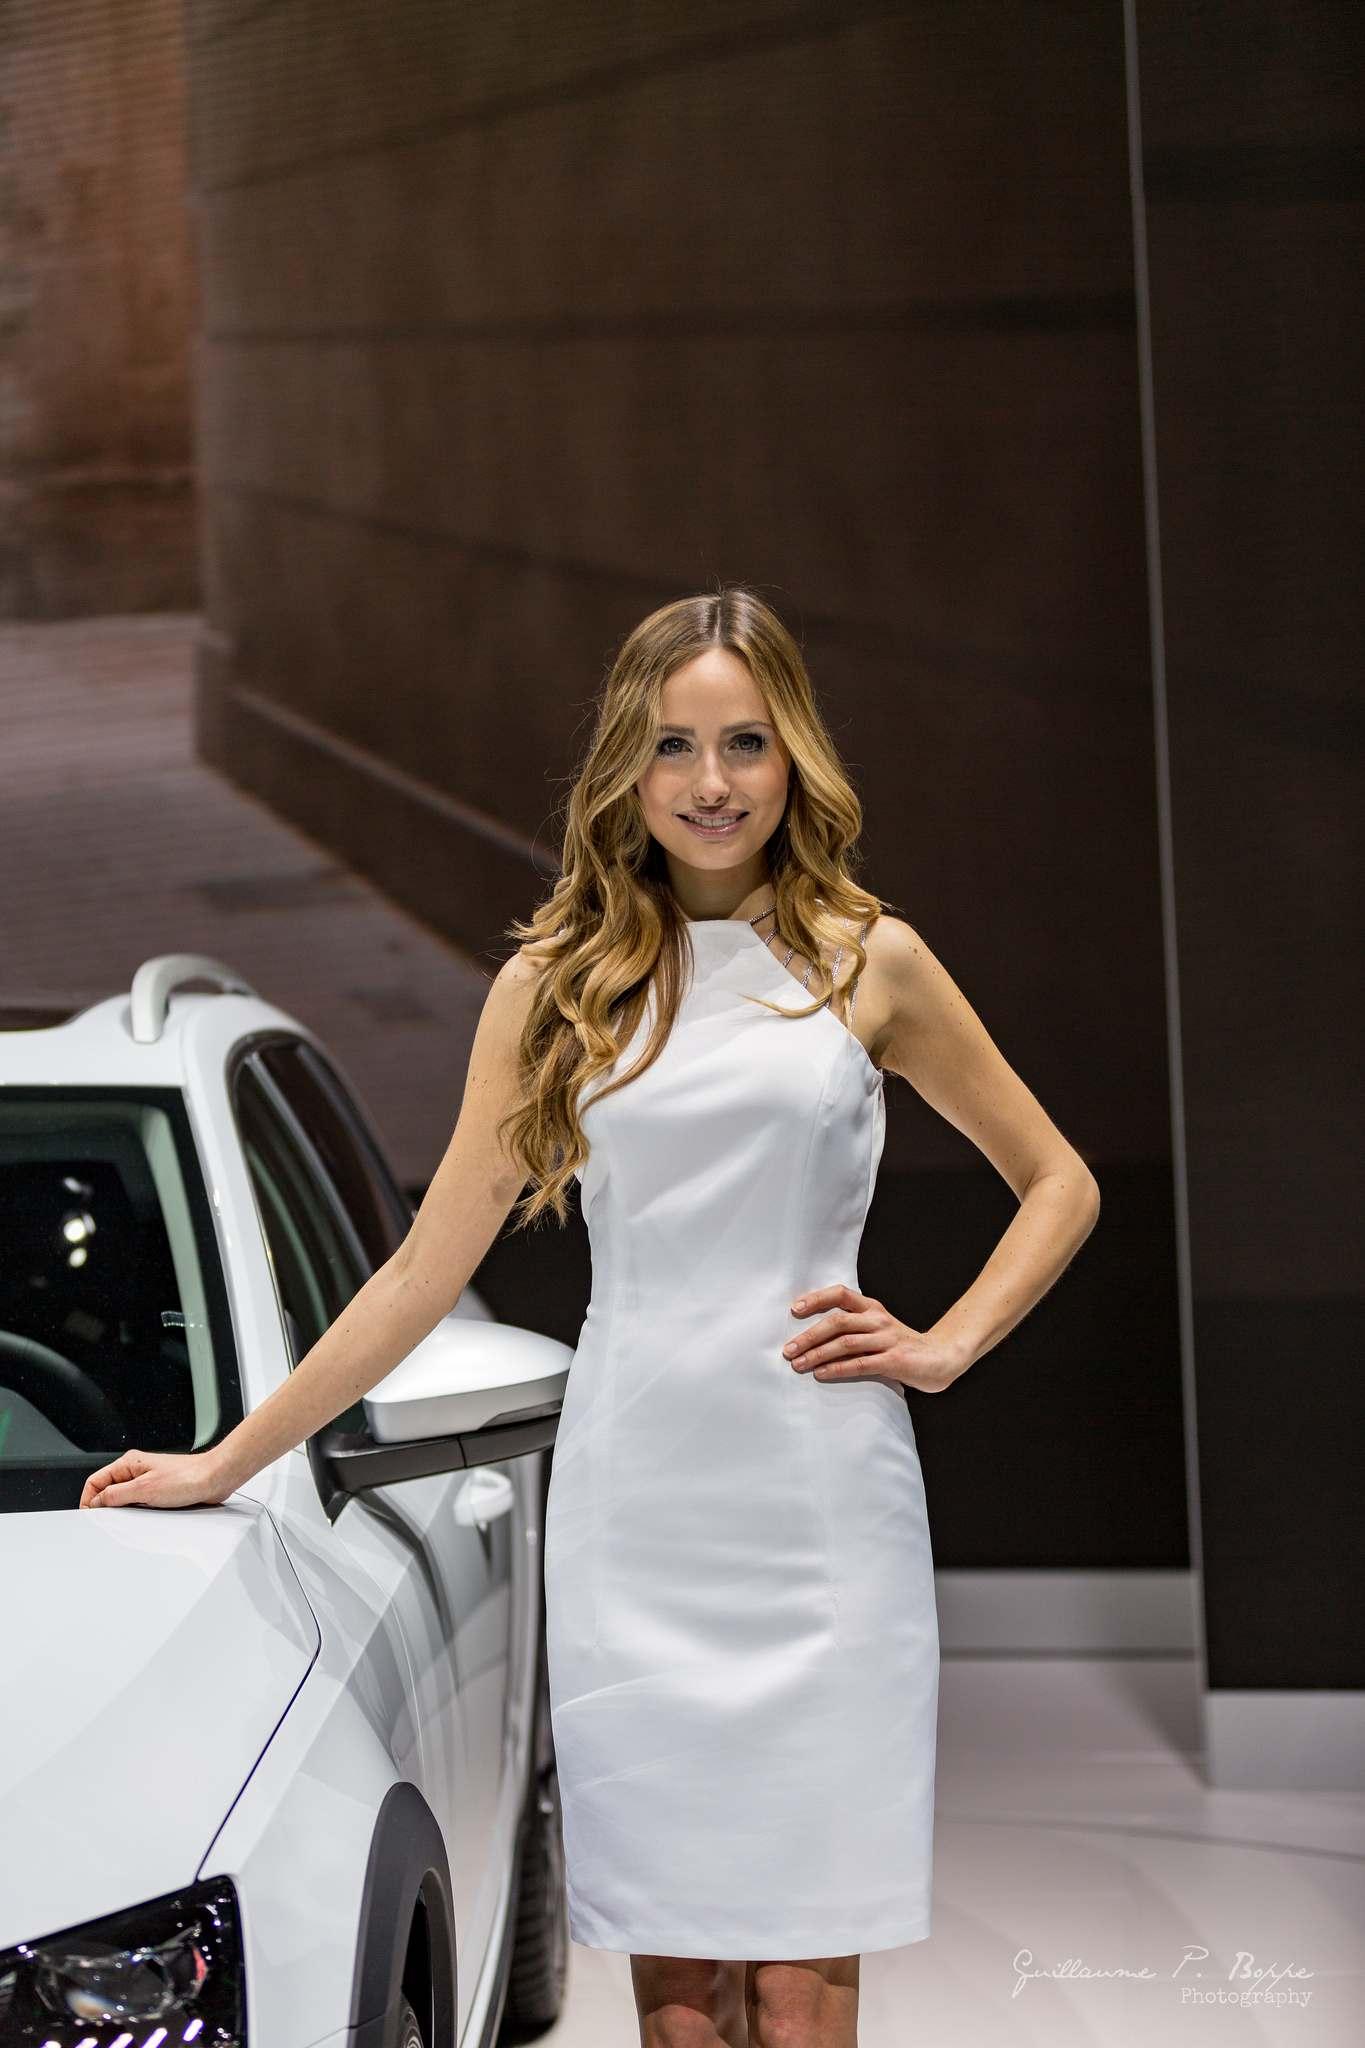 sexy hostess10 Beauty at Geneva International Motor Show 2017